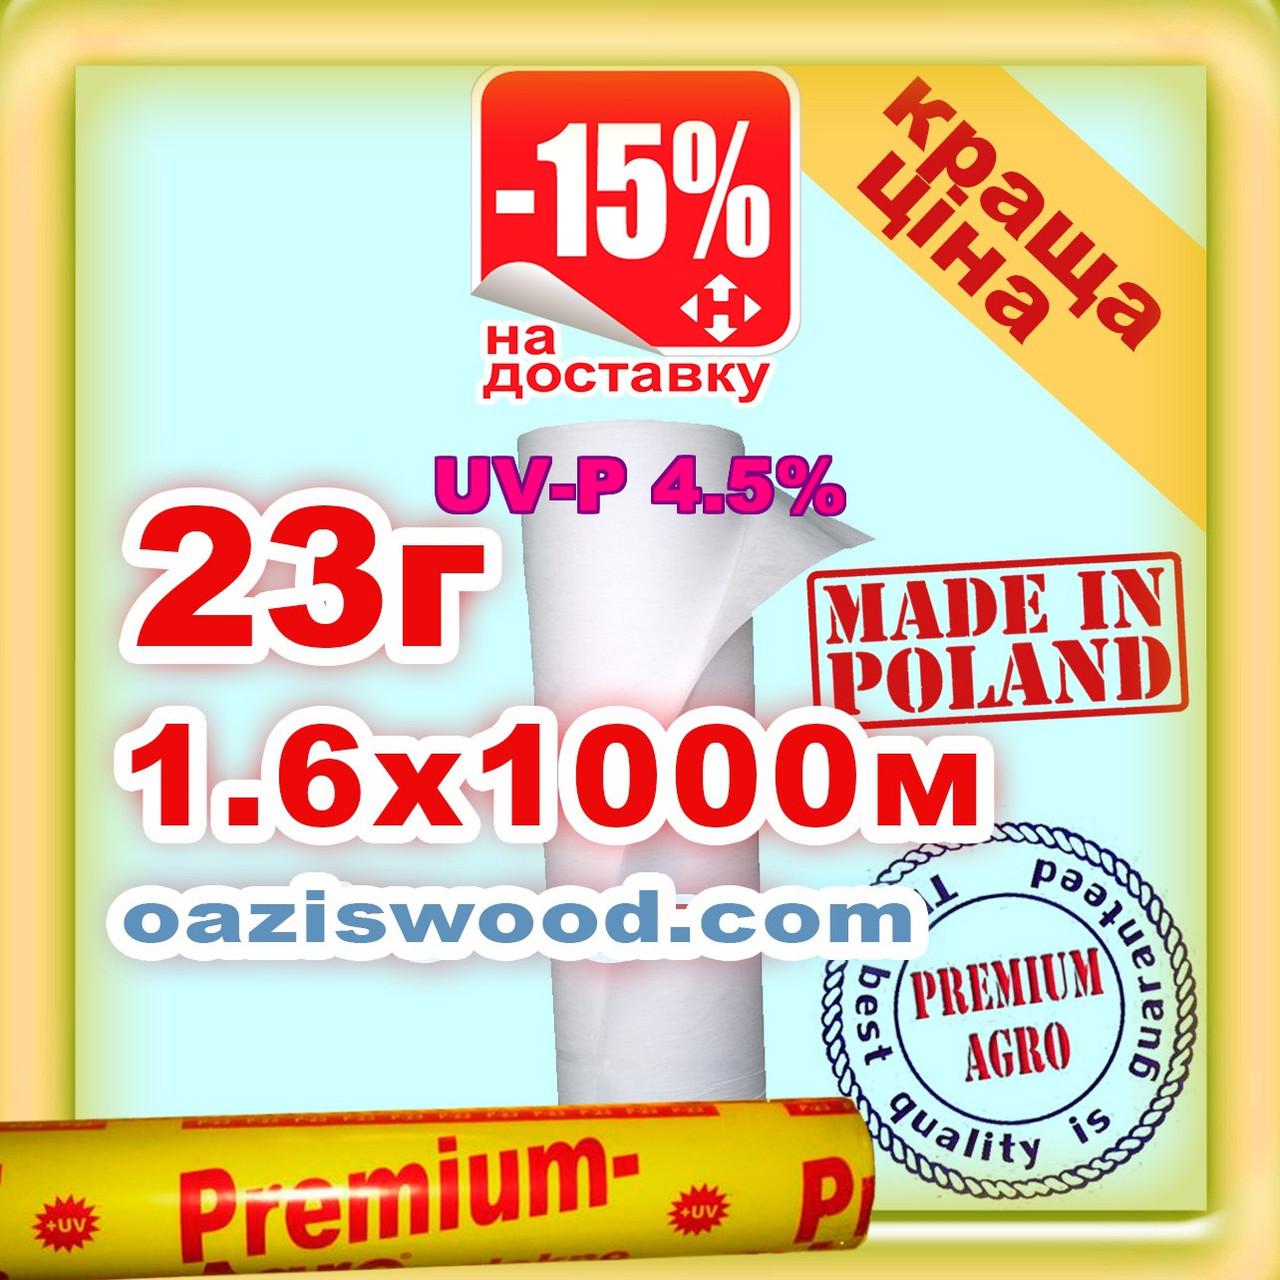 Агроволокно р-23g 1,6*1000м белое UV-P 4.5% Premium-Agro Польша